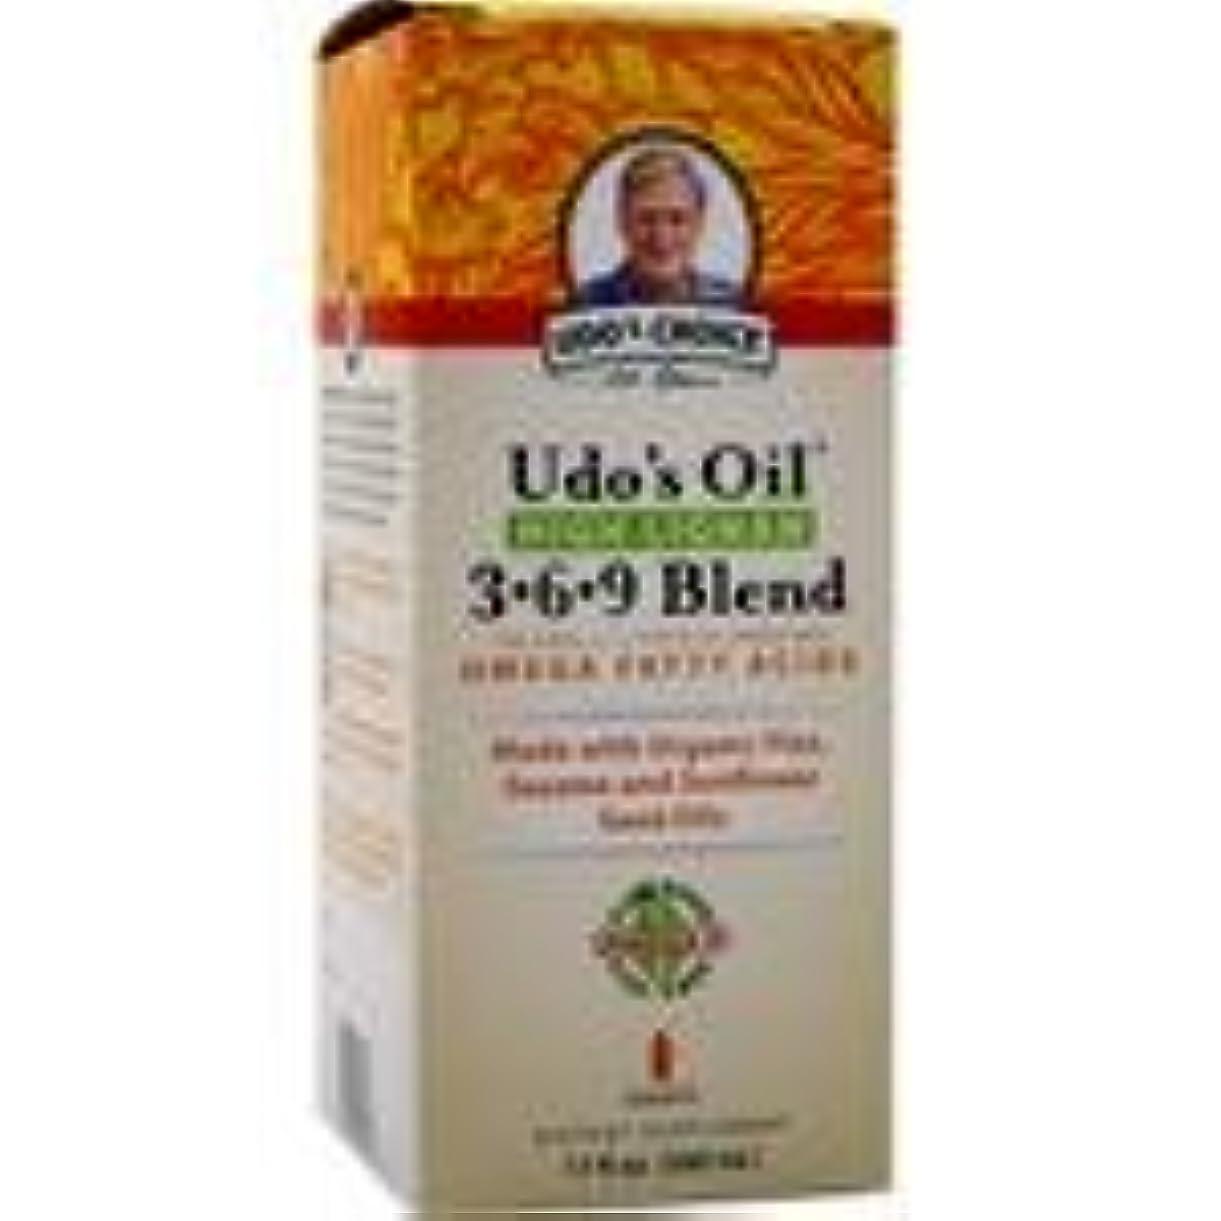 モネ砂のエクスタシーUdo's Oil High Lignan 3-6-9 Blend 17 fl.oz 2個パック